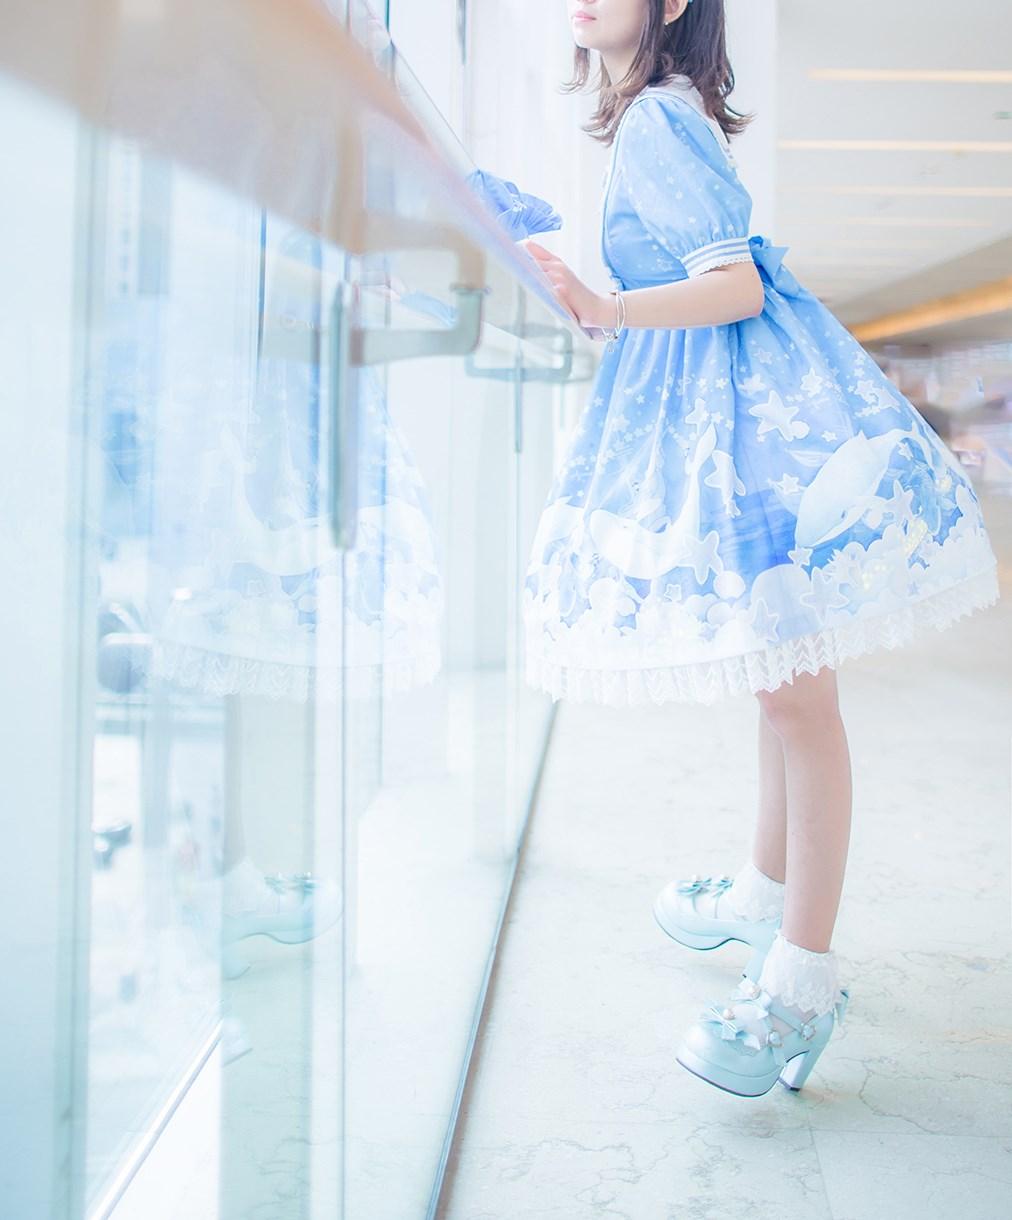 【兔玩映画】蓝色的LO娘 兔玩映画 第12张